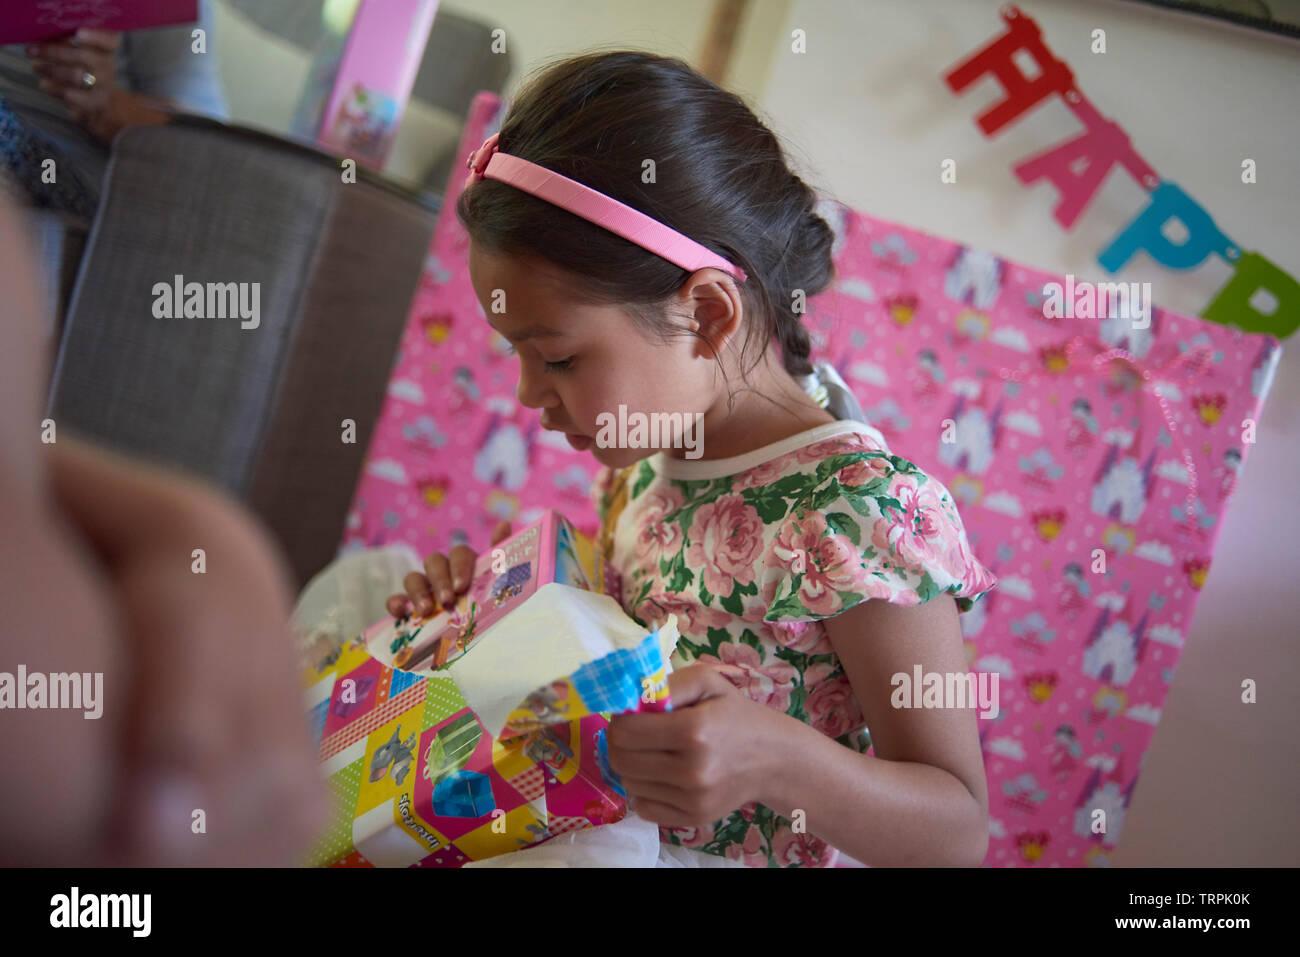 Linda chica Asiática de raza mixta desenvolver sus muchos regalos de cumpleaños en casa en el salón rodeado de su familia Imagen De Stock